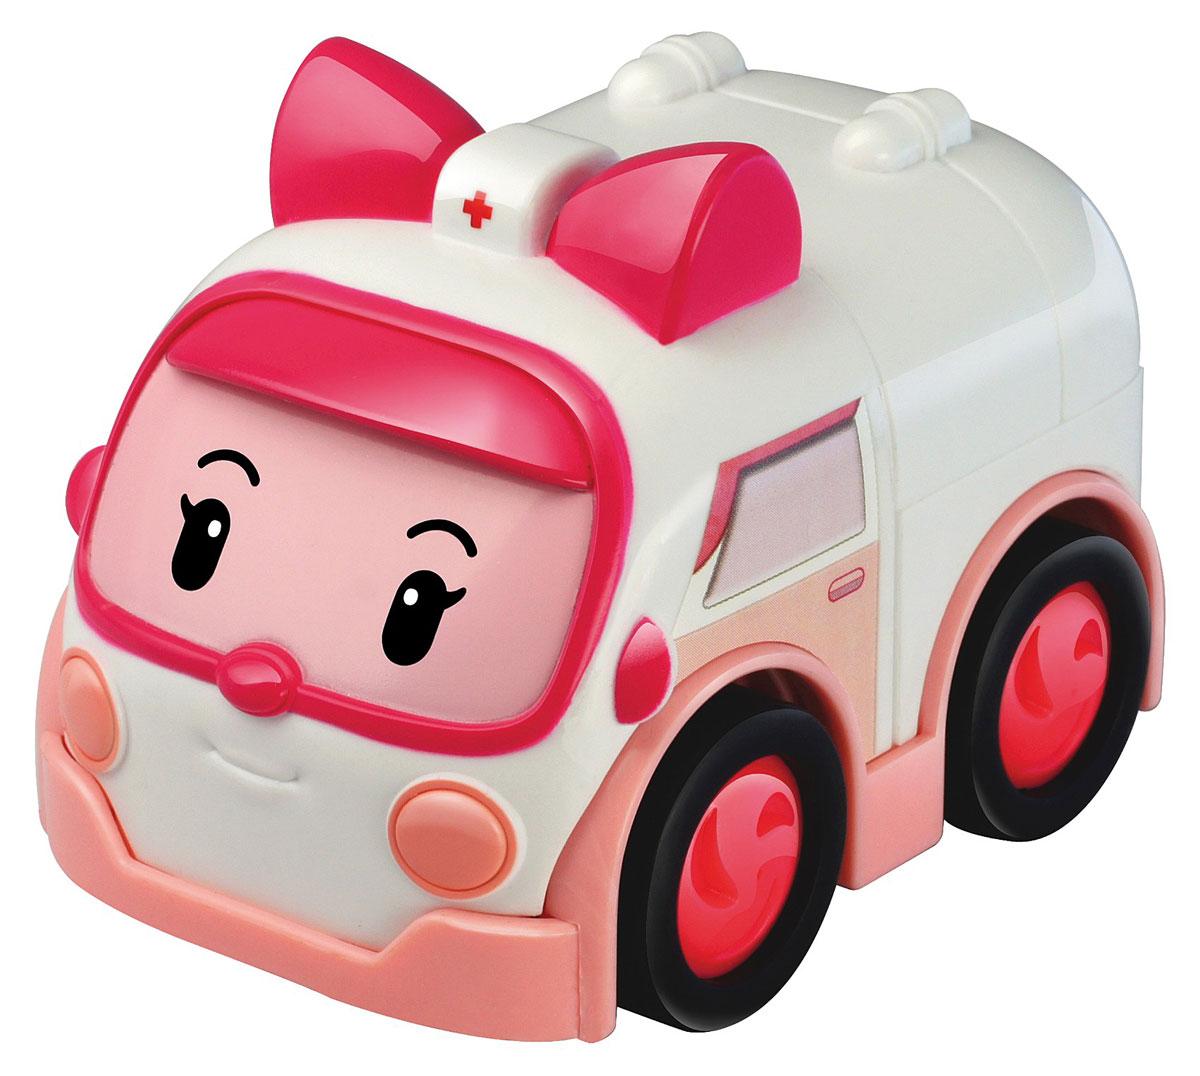 Robocar Poli Игрушка-трансформер Эмбер 7 см83047Оригинальная игрушка-трансформер Robocar Poli Эмбер надолго займет внимание вашего ребенка. Игрушка выполнена из безопасного пластика розового и белого цветов в виде Эмбер - персонажа мультсериала Robocar Poli. Игрушка имеет две вариации: первая - девочка-робот, вторая - машина скорой помощи. Эта игрушка непременно понравится вашему малышу. Порадуйте ребенка таким замечательным подарком!